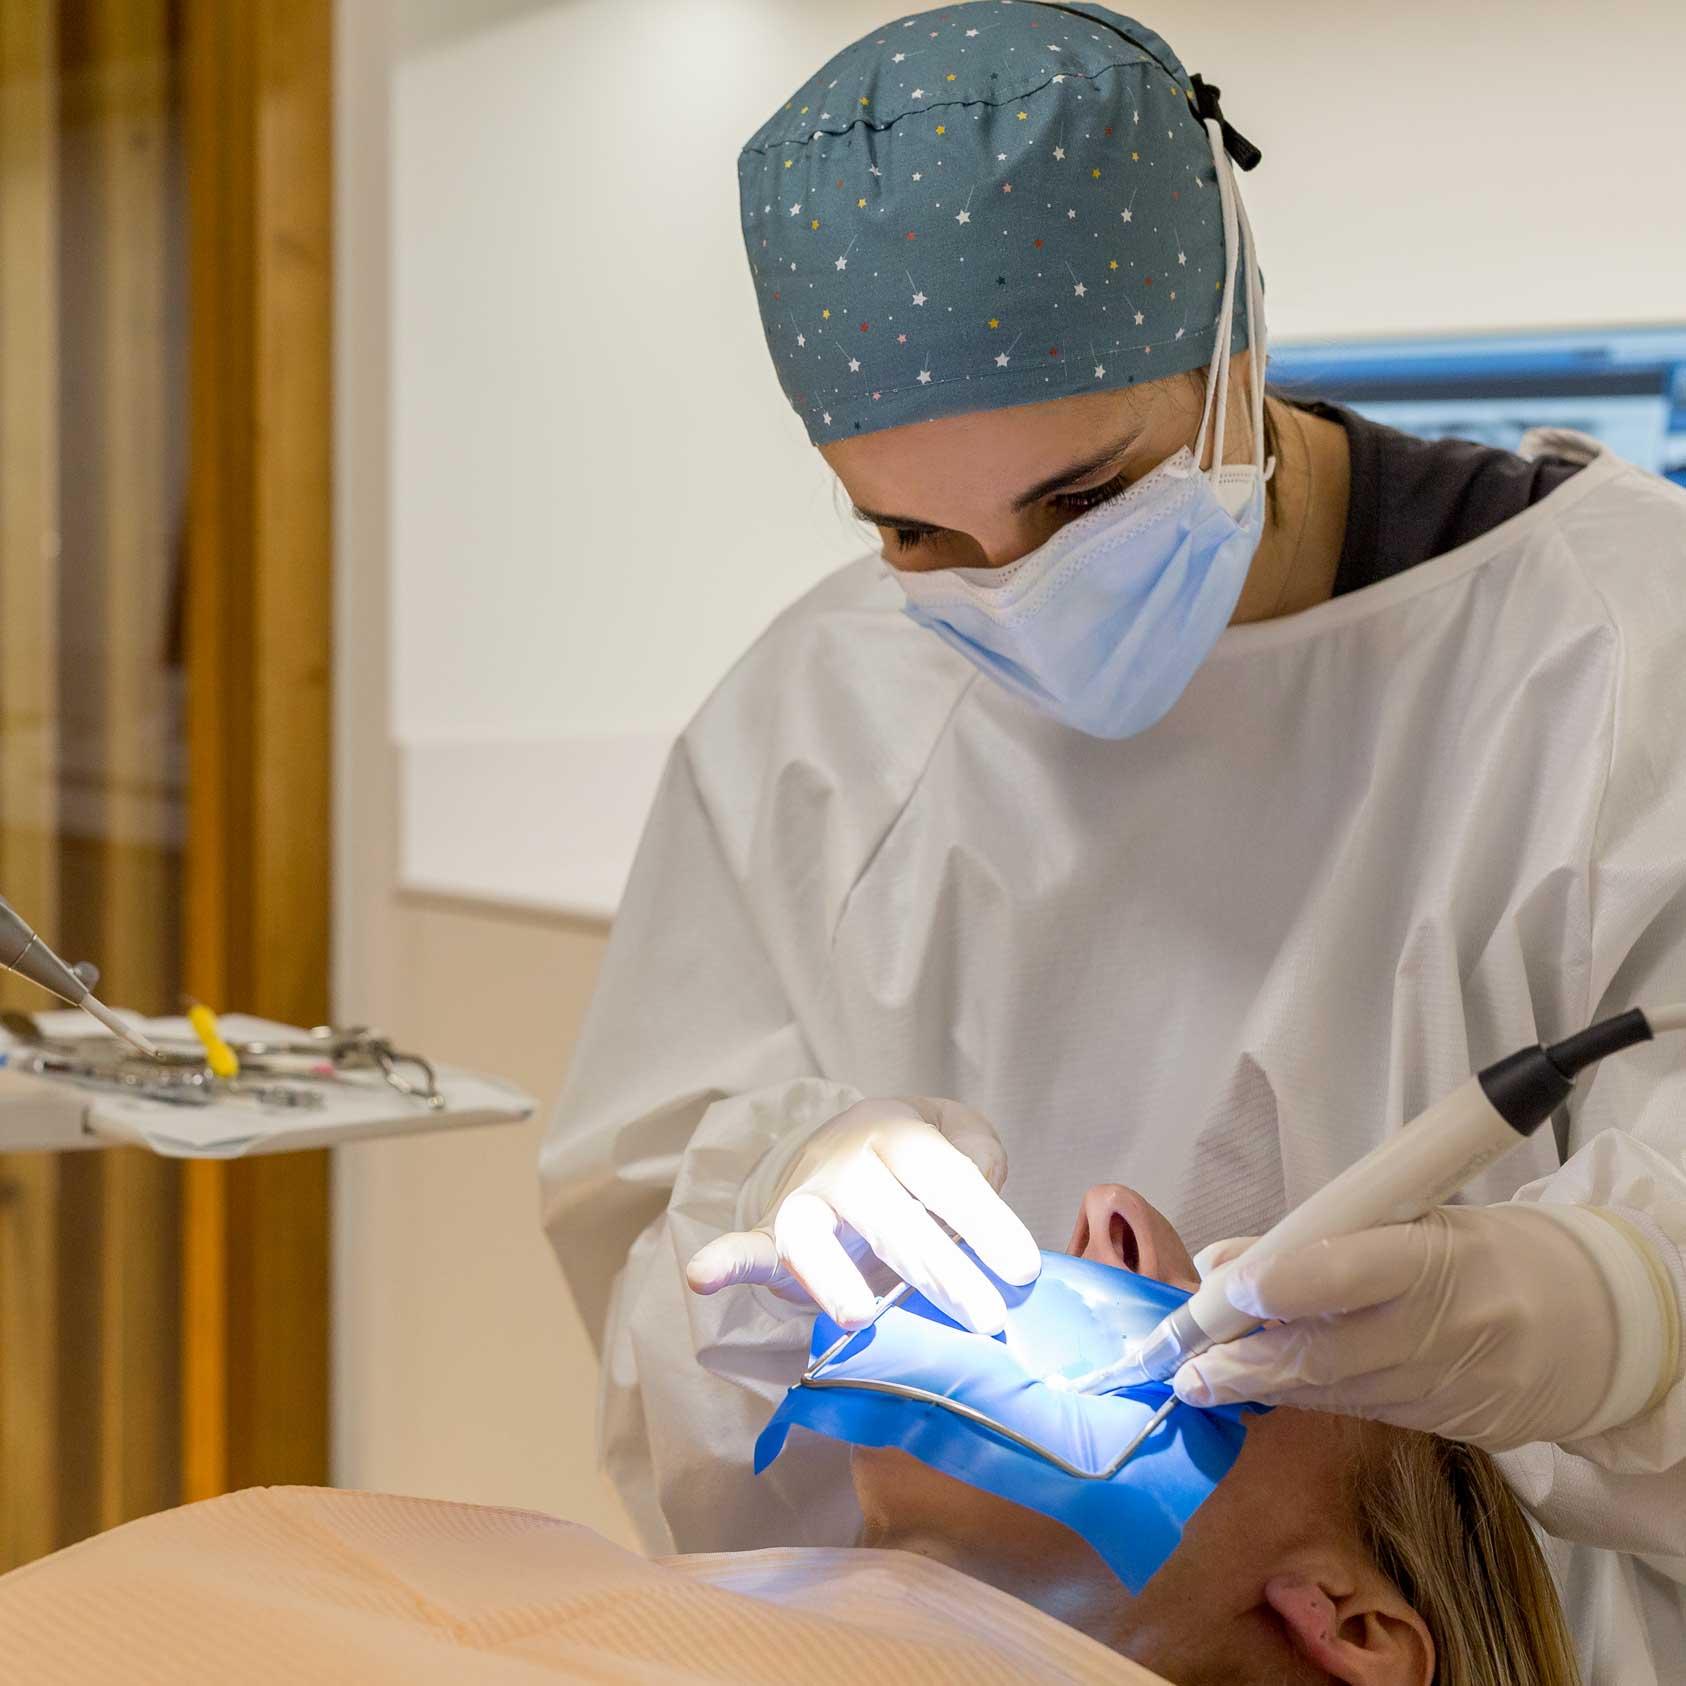 caries y endodoncia